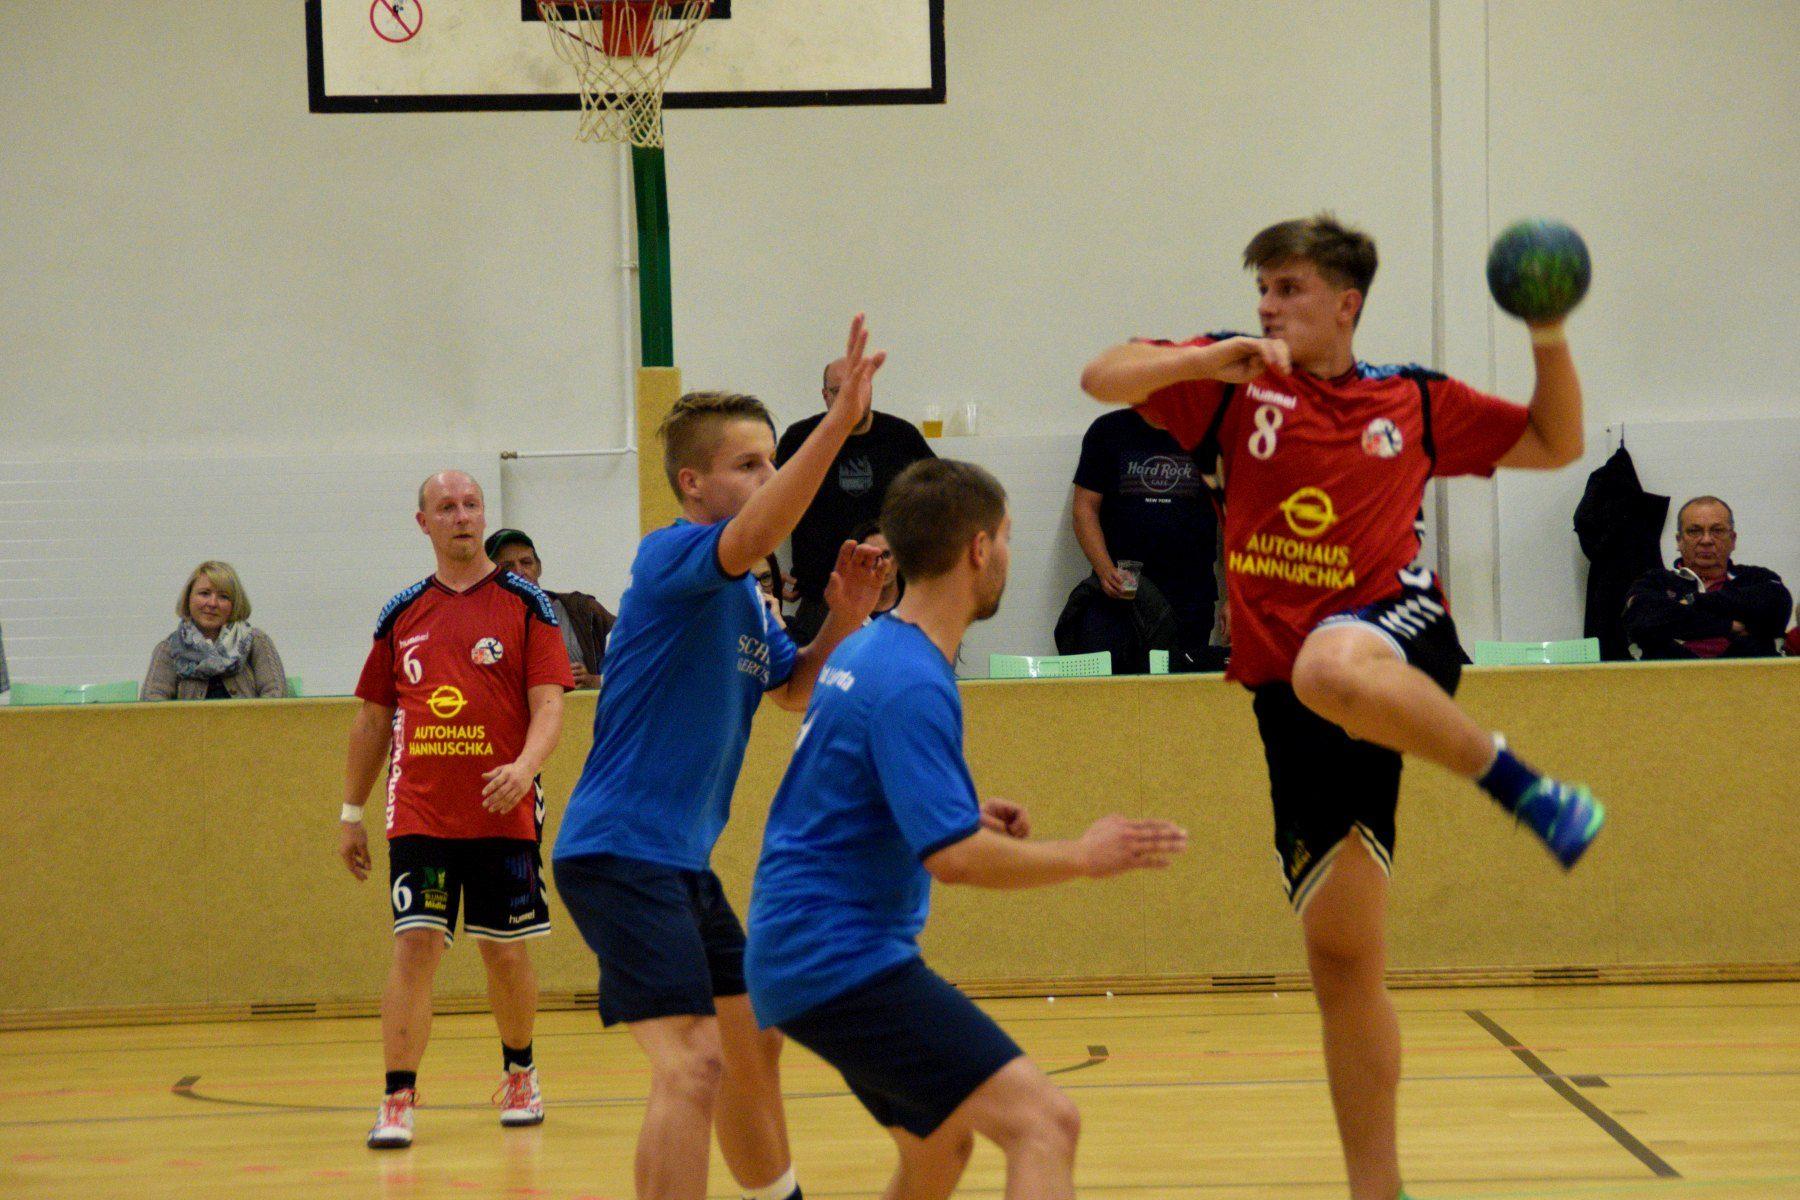 Handball Senftenberg